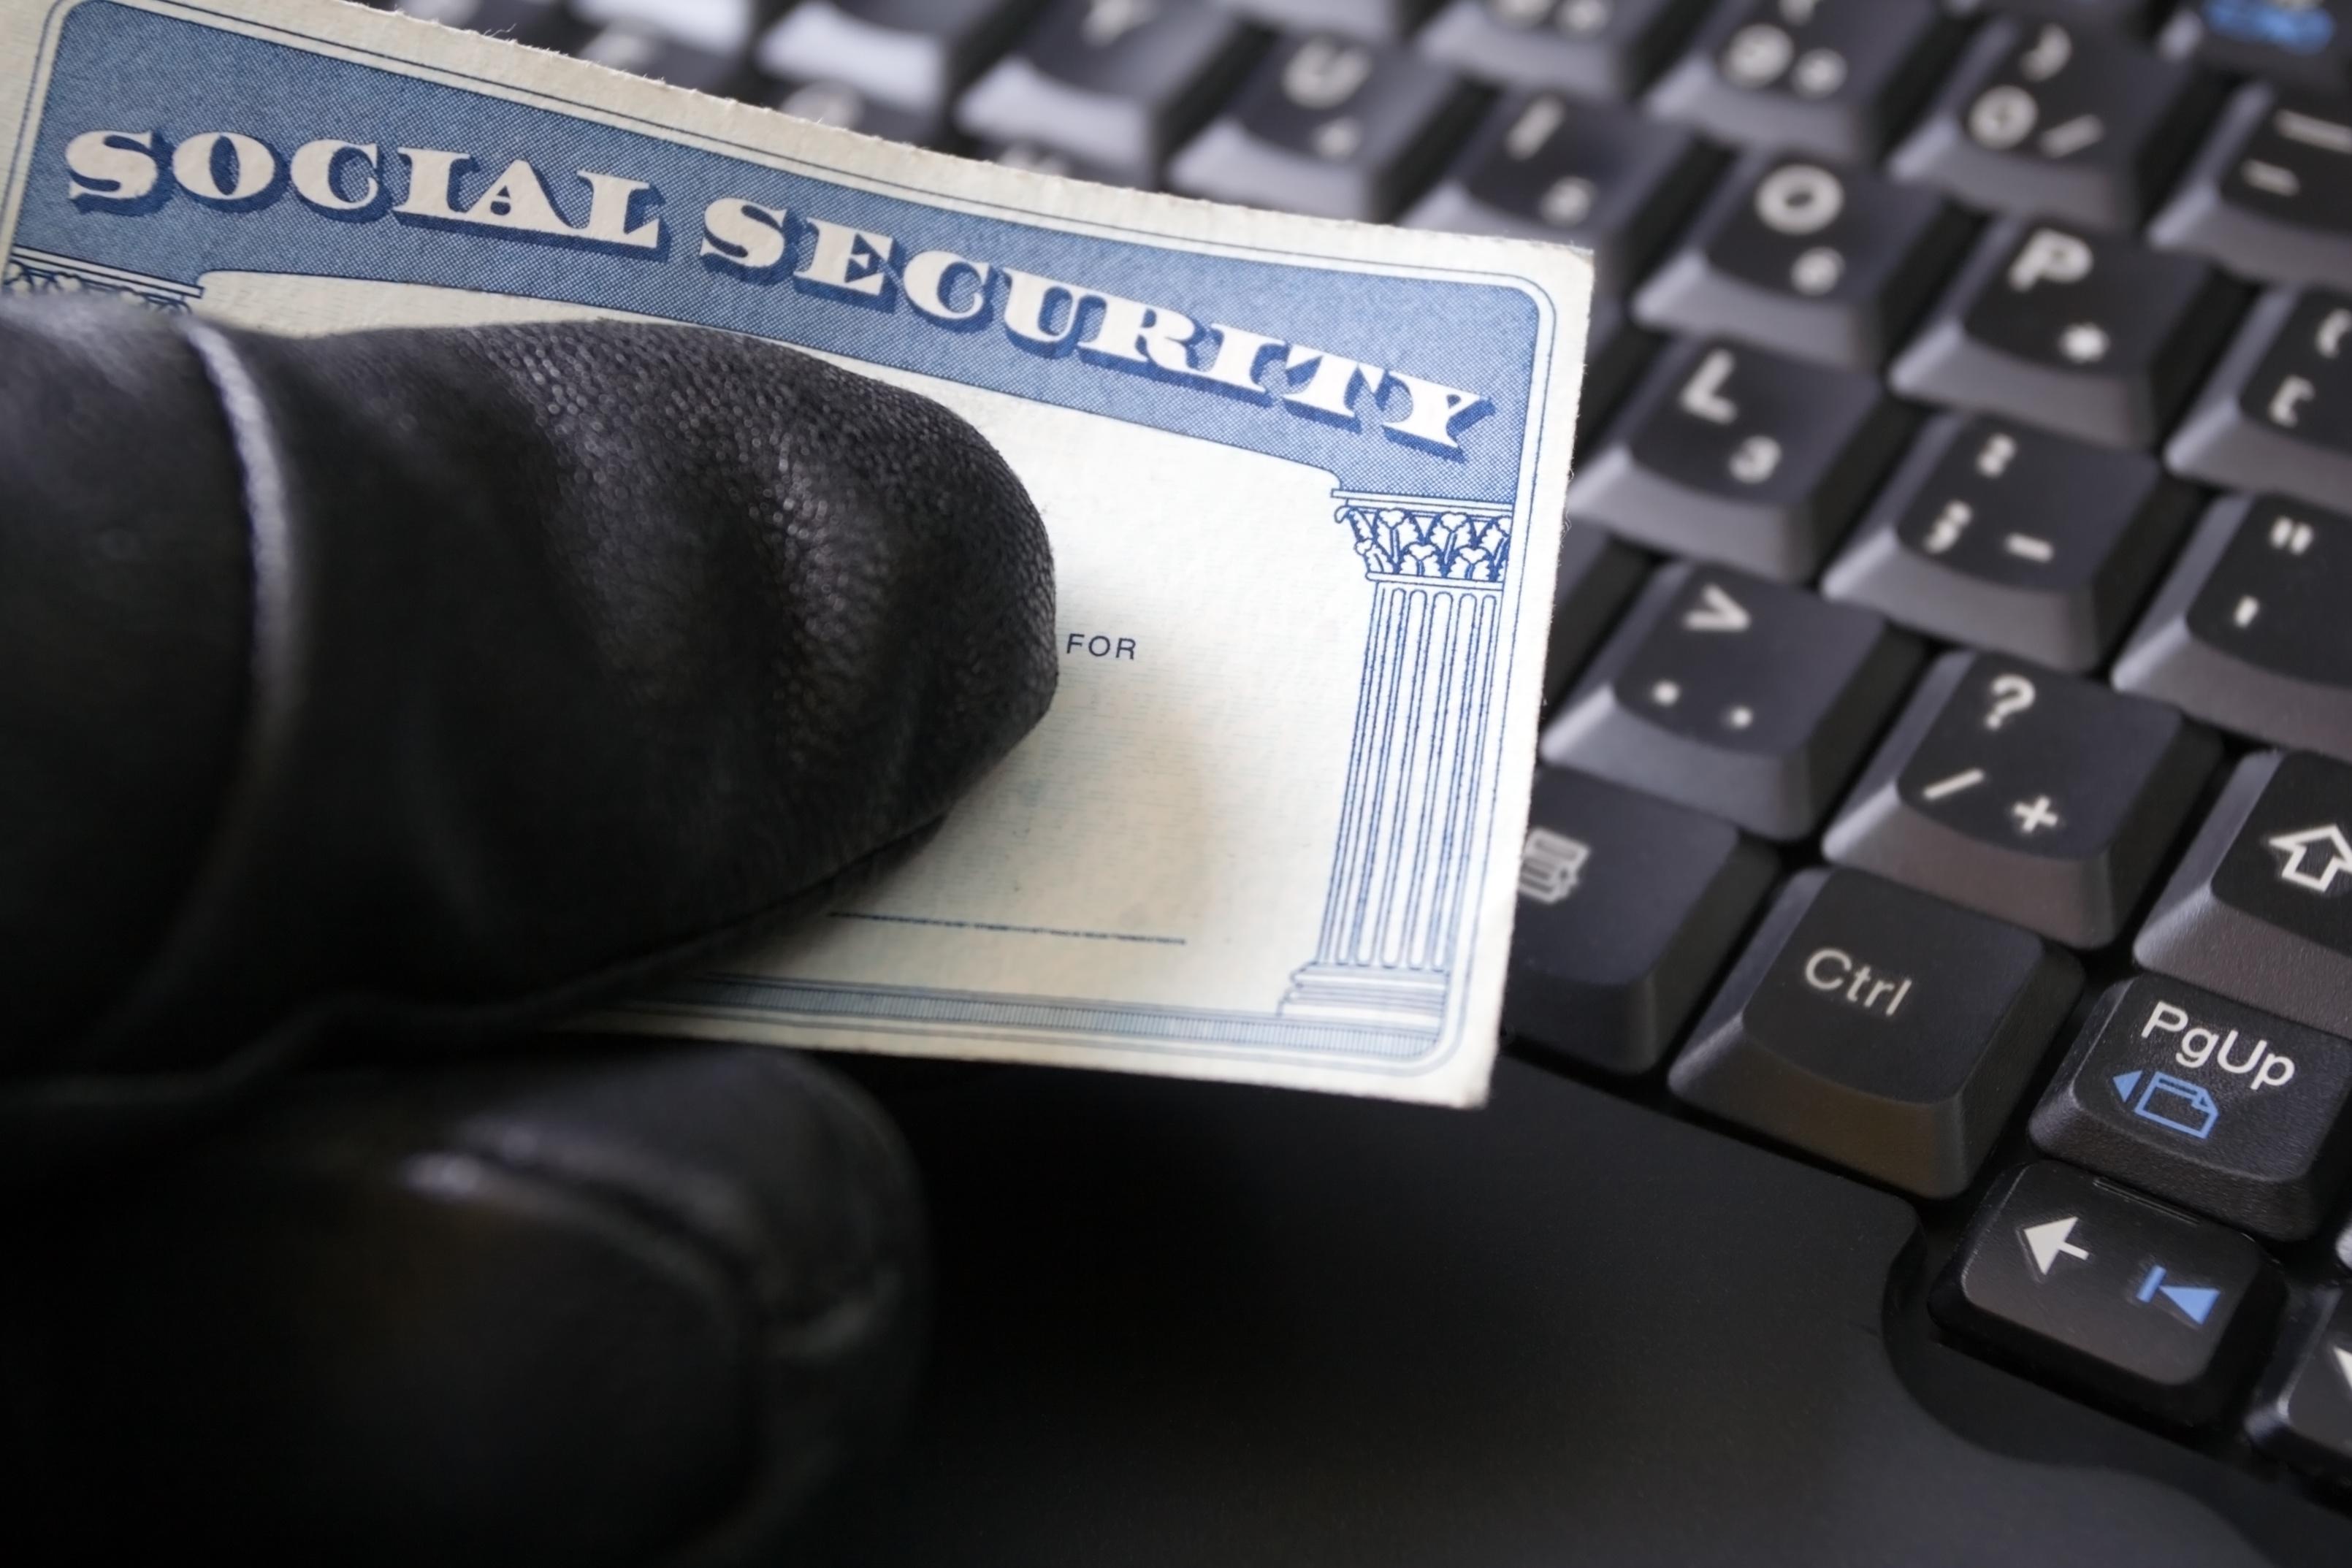 https://assets.sourcemedia.com/a2/d3/88730e1a48a39682b9af7acfd04d/ssn-theft.jpeg